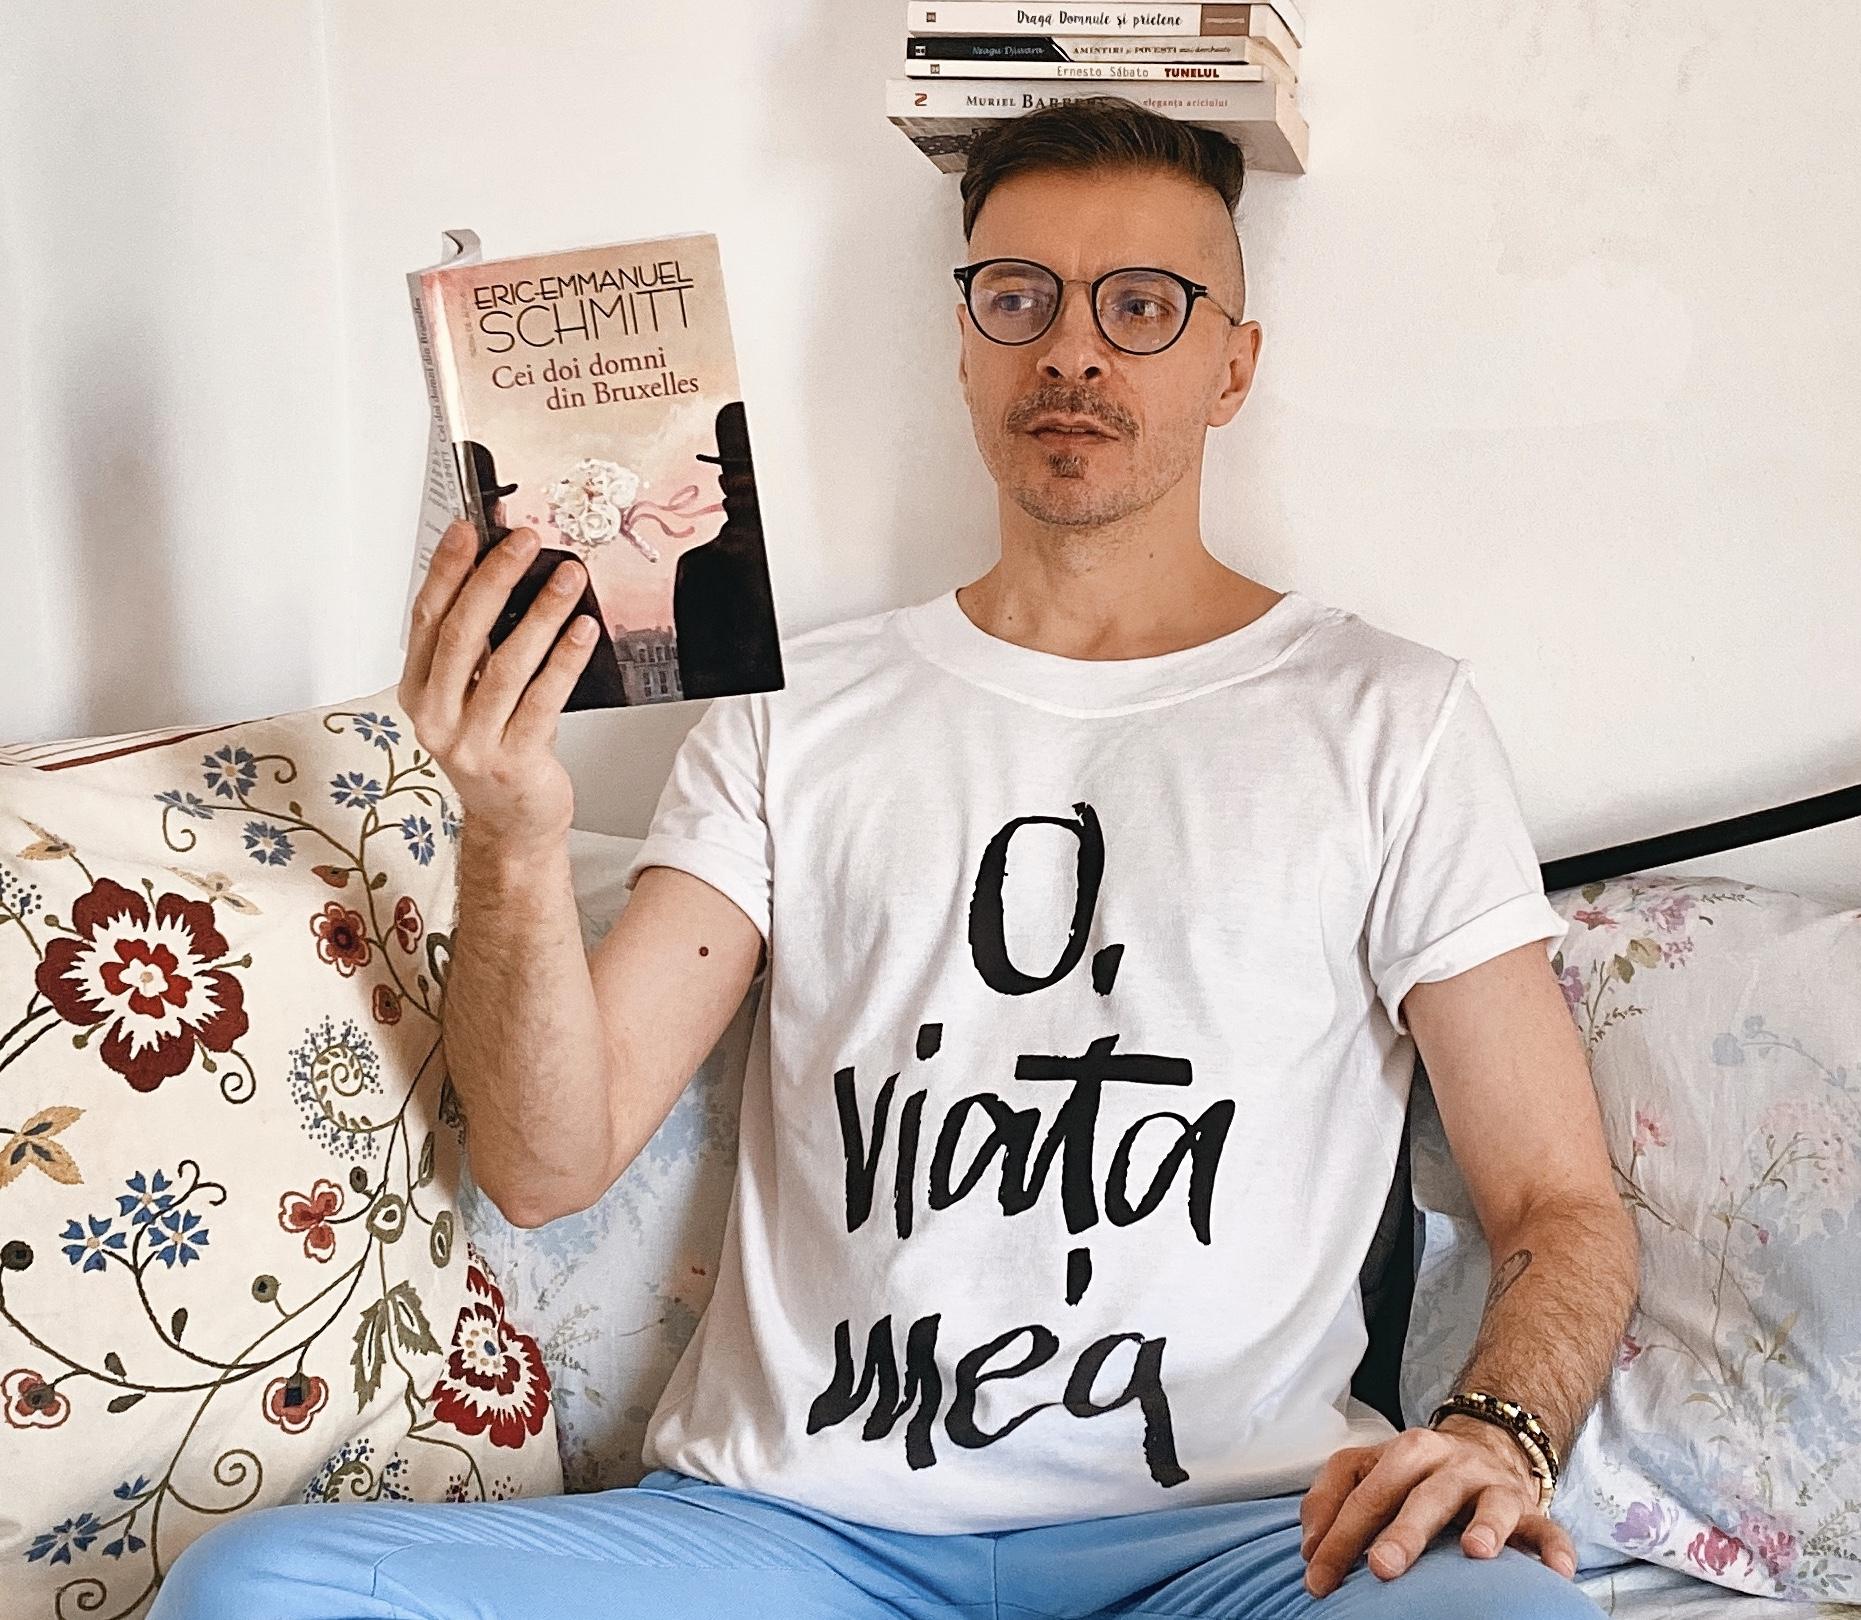 Ovidiu Muresanu carti – Cover